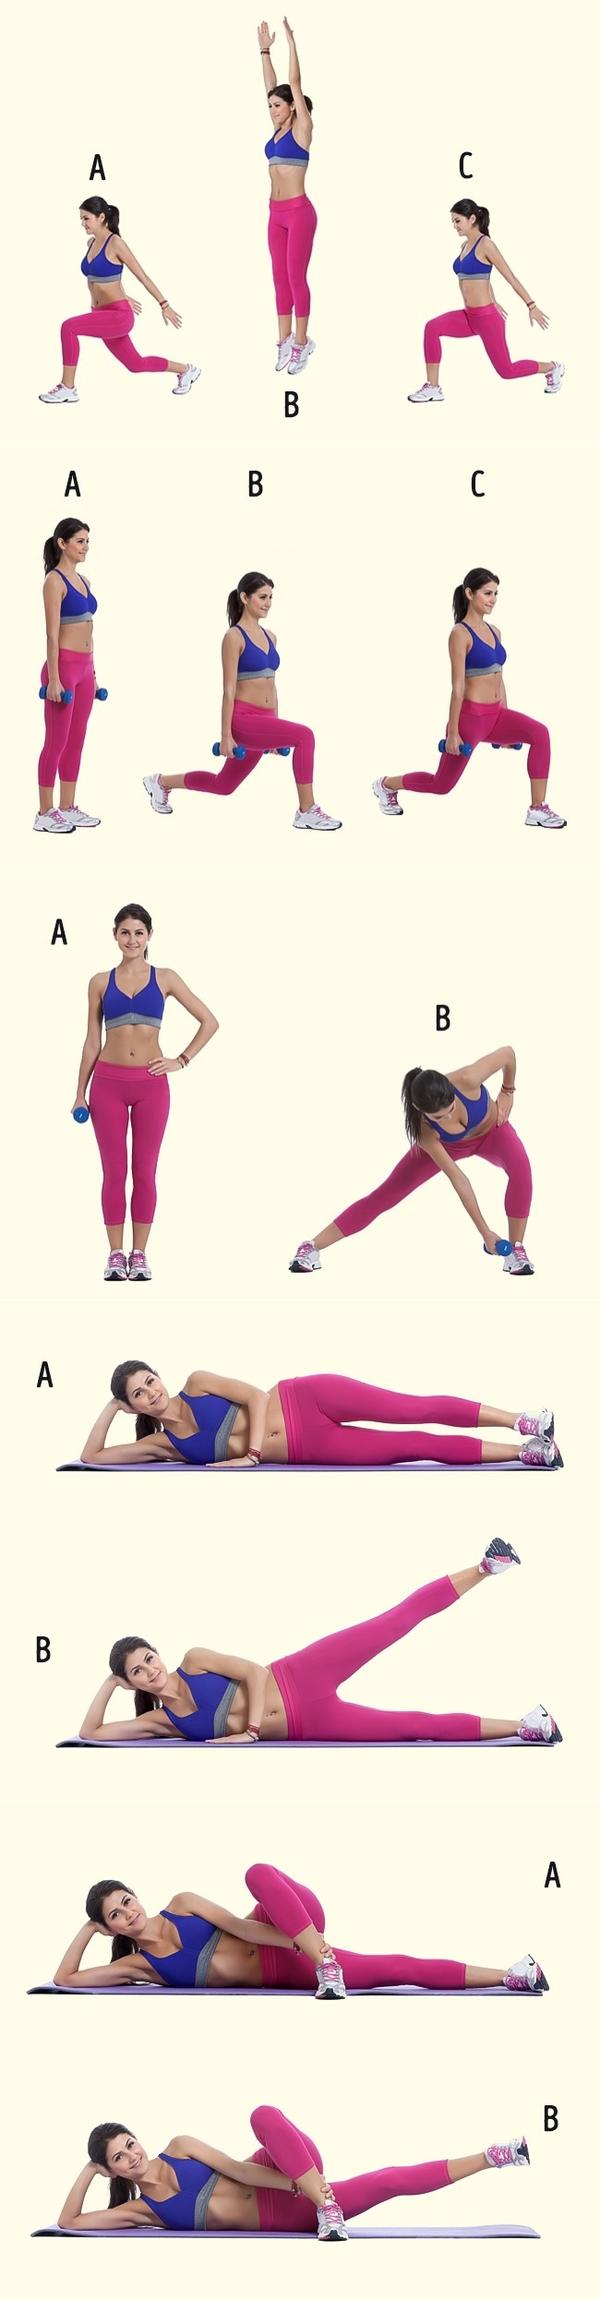 Как Похудеть Ноги Ляшки Упражнения. Избавляемся от ляшек: лучшие упражнения и средства для похудения ног